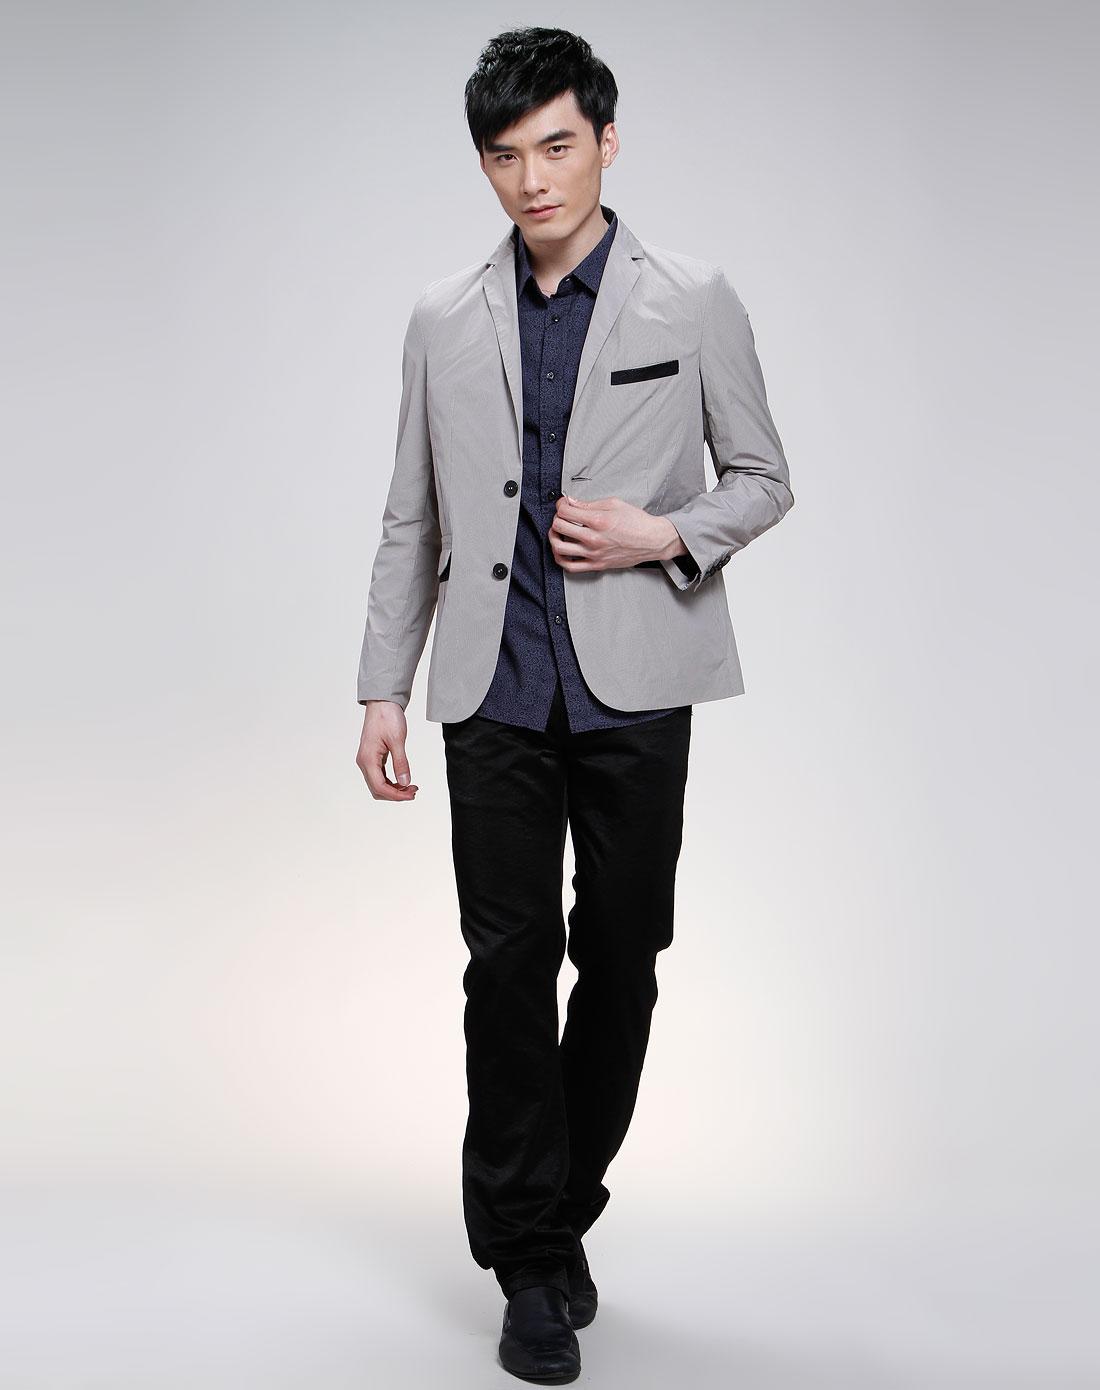 灰色休闲西服里面,搭配衬衣应选什么颜色,或配什么T恤 下面配什图片